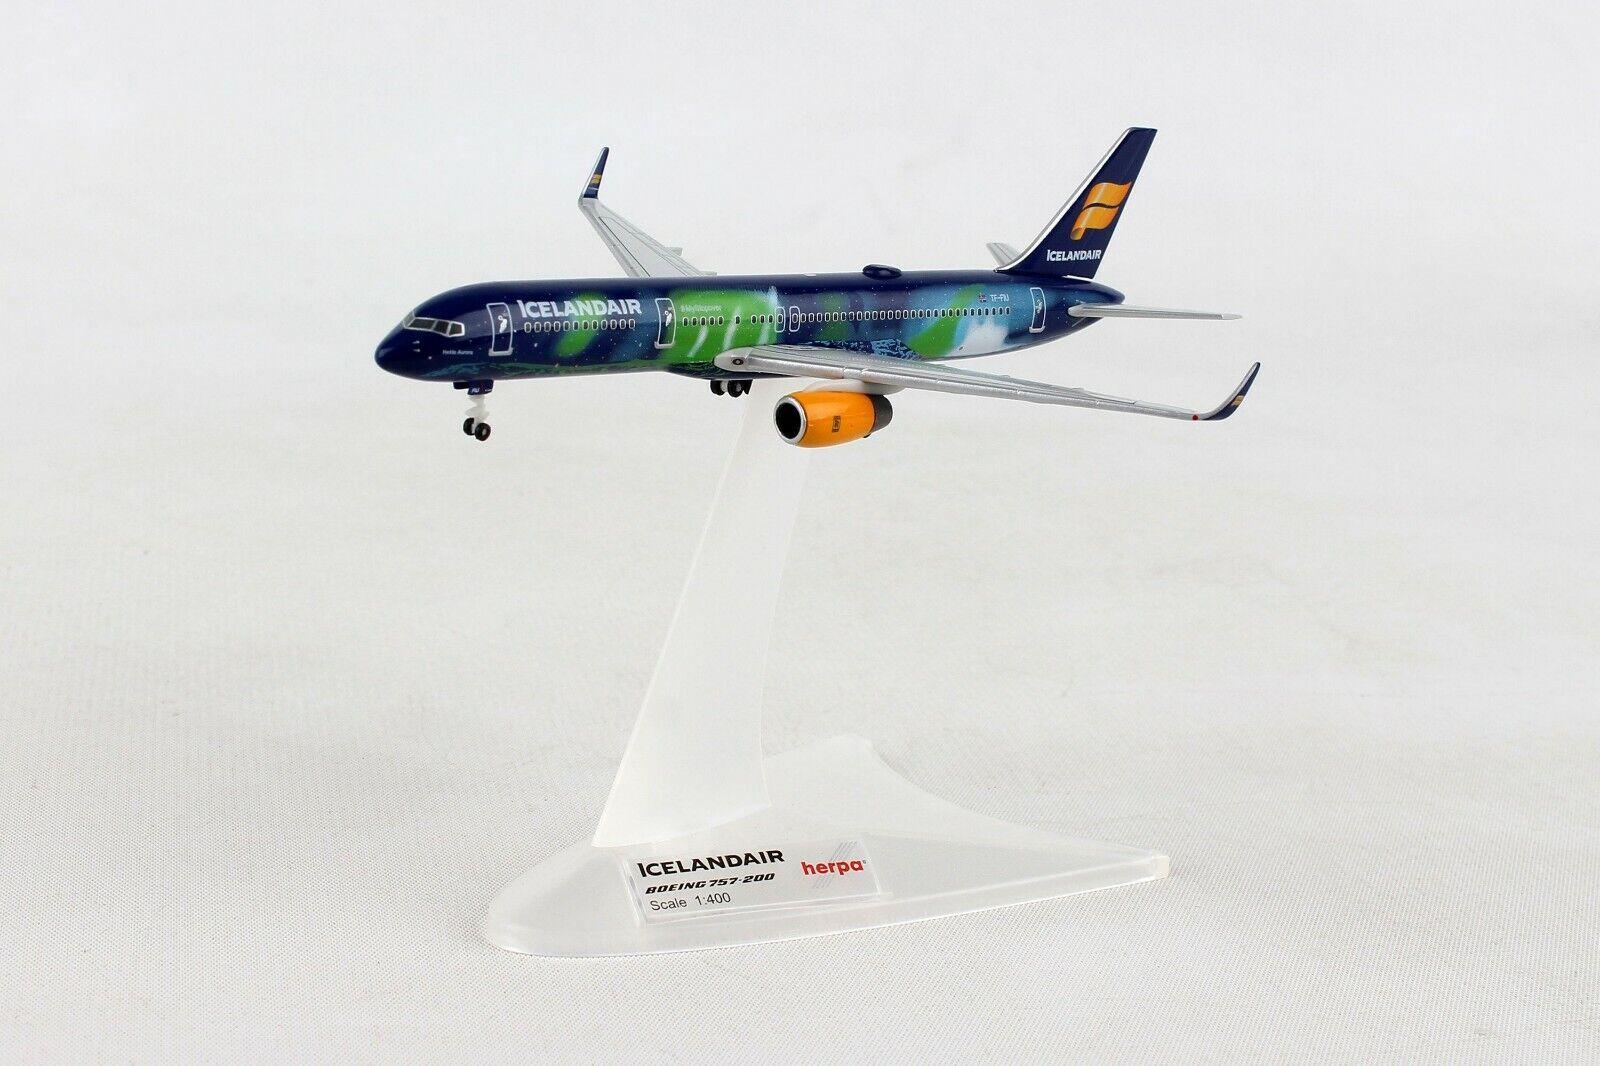 HE562539 Herpa Wings Icelandair Boeing 757-200 1 400 Diecast Modelo Hekla Aurora